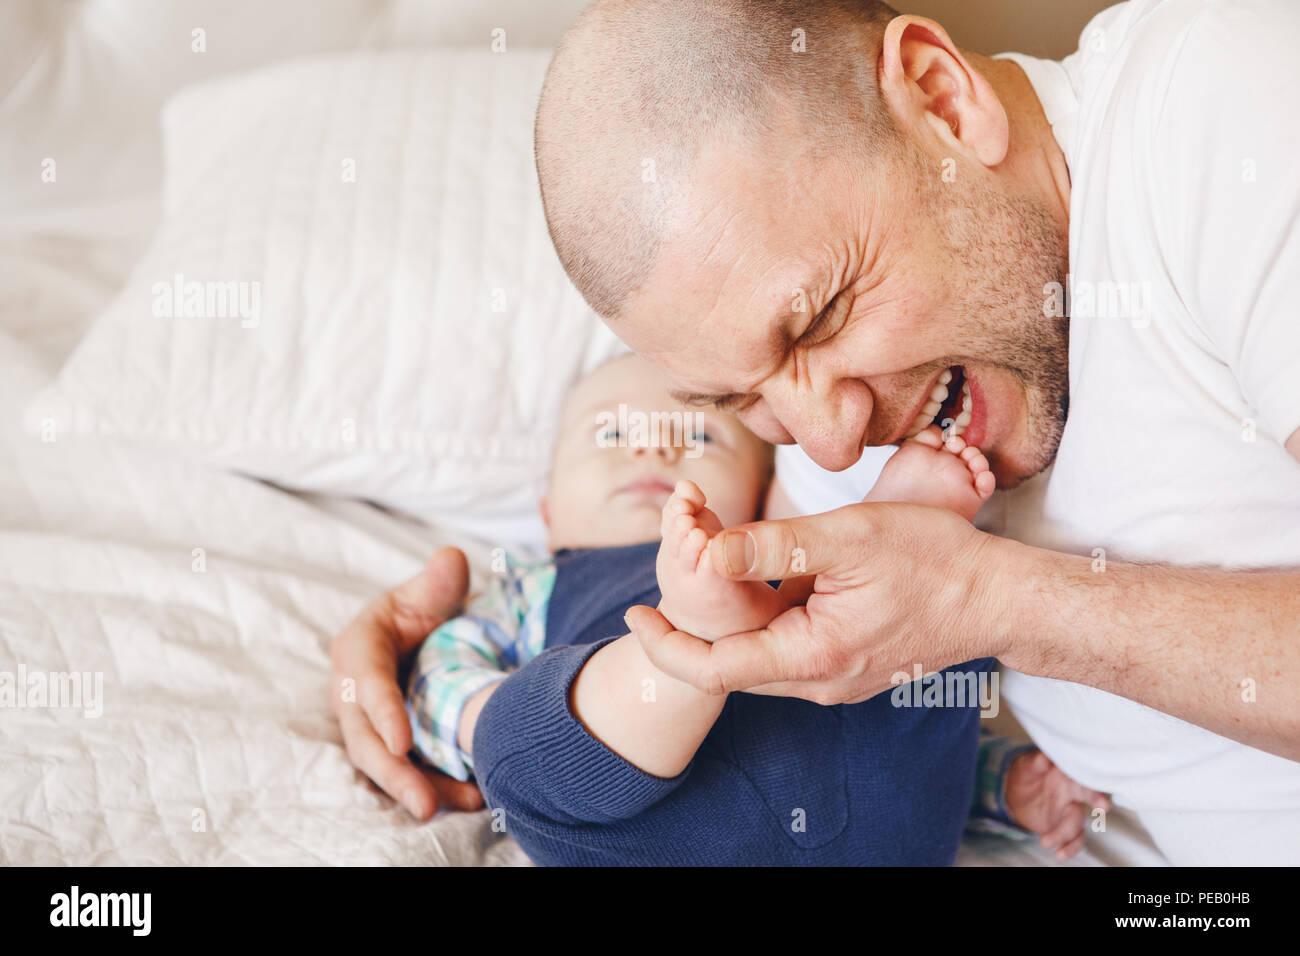 Domo Kussen Baby : Tickle feet stockfotos & tickle feet bilder alamy